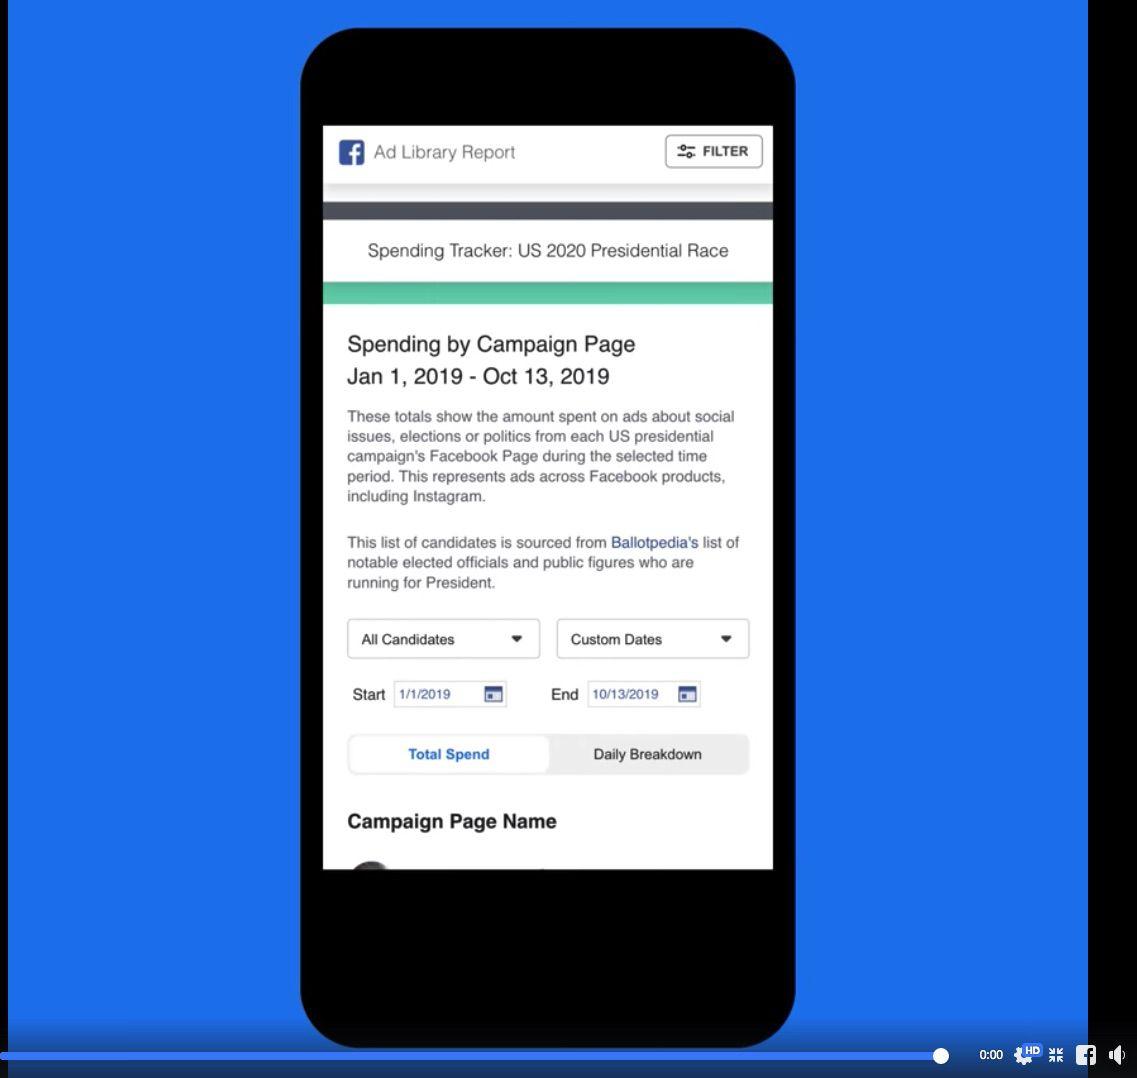 Outil mis à disposition par Facebook pour rétudier les dépenses des politiques pour leur campagne publicitaire